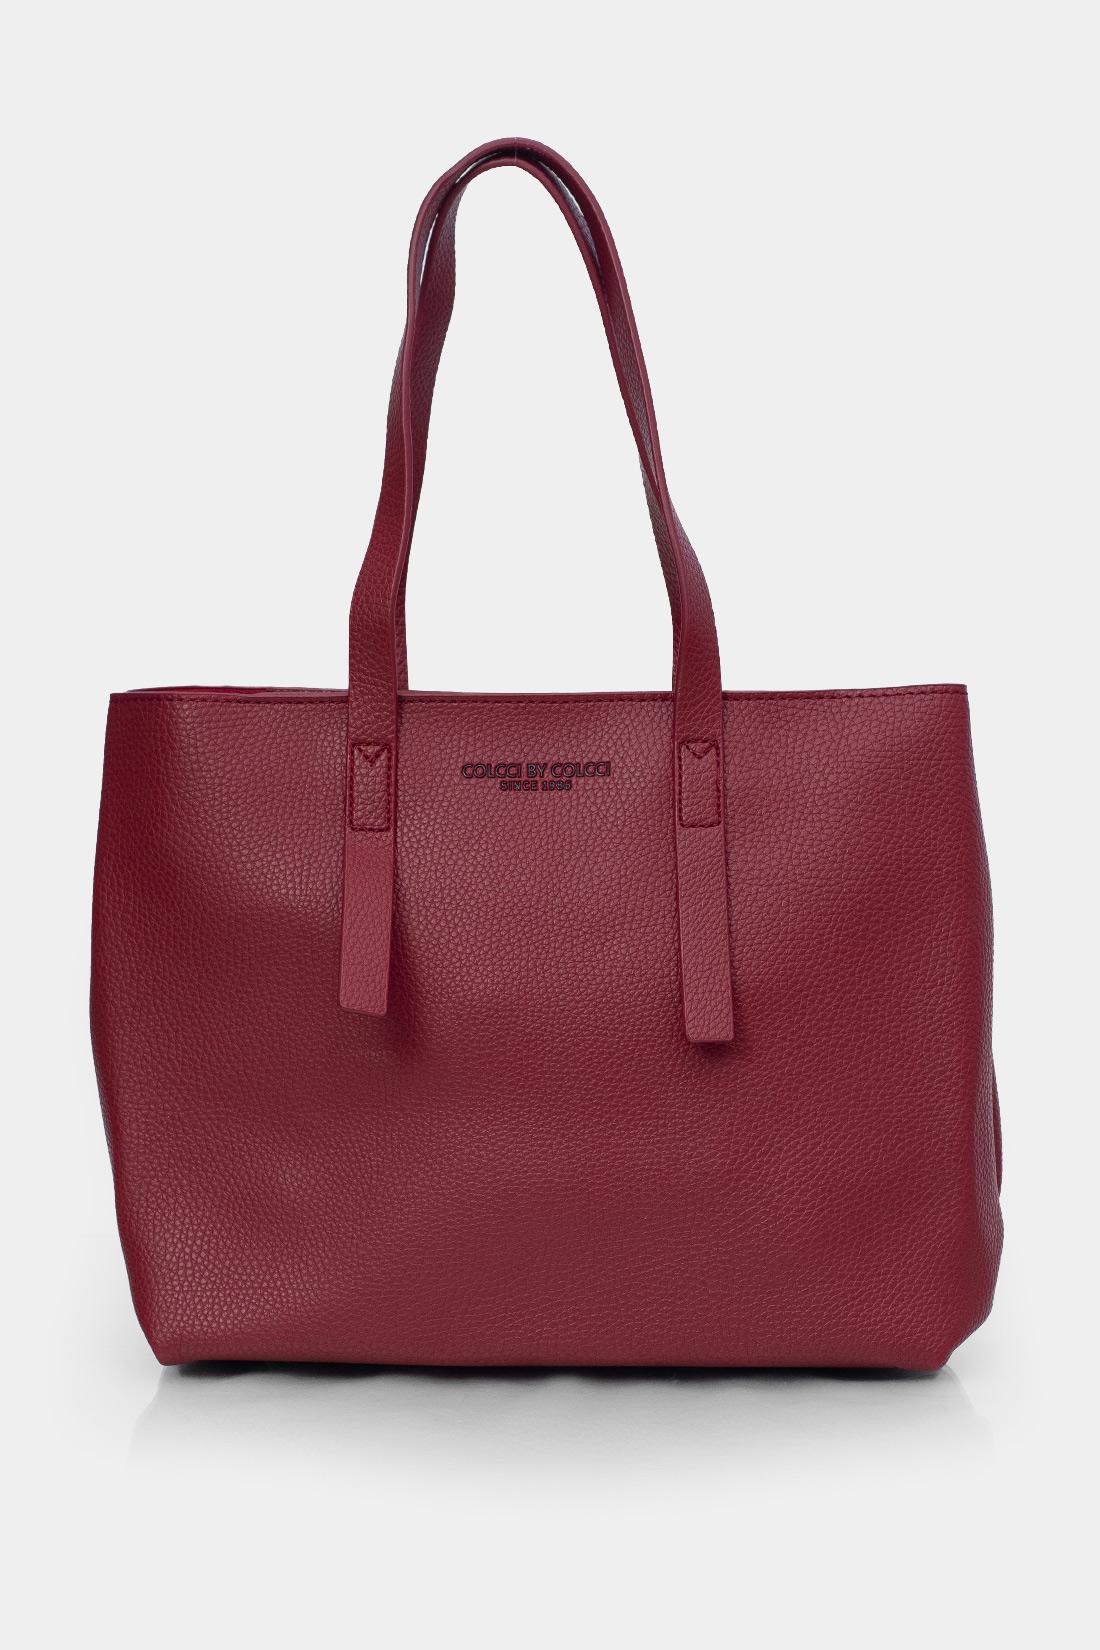 Bolsa Colcci Shopping Bag Elefante